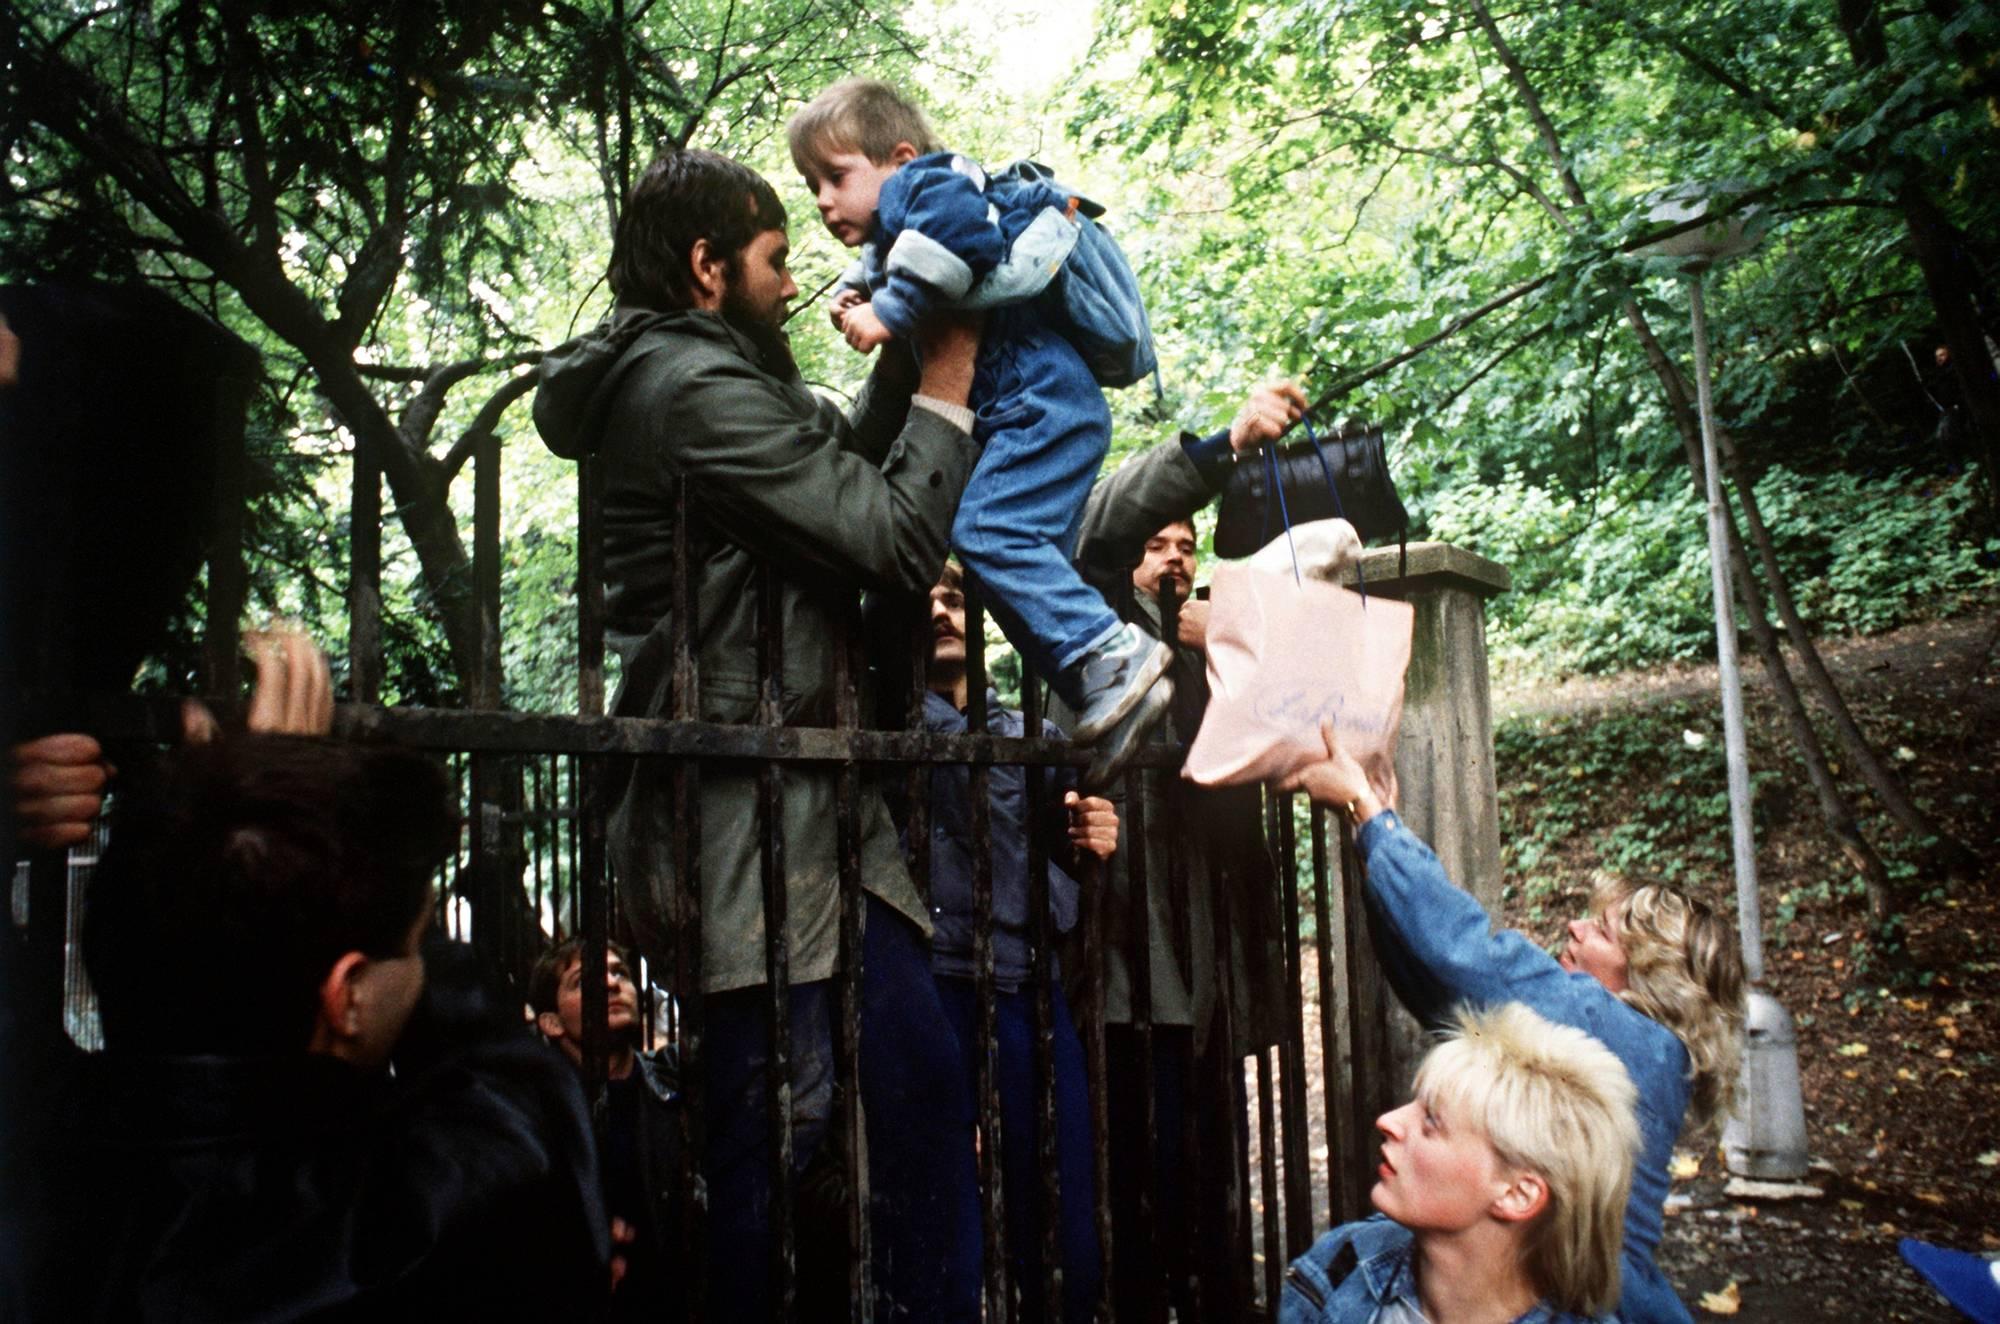 Itäsaksalaiset pakolaiset kiipesivät aidan yli Länsi-Saksan lähetystön pihalle Prahassa 29. syyskuuta 1989. Kuva: Kemmether / Picture Alliance / DPA / AP